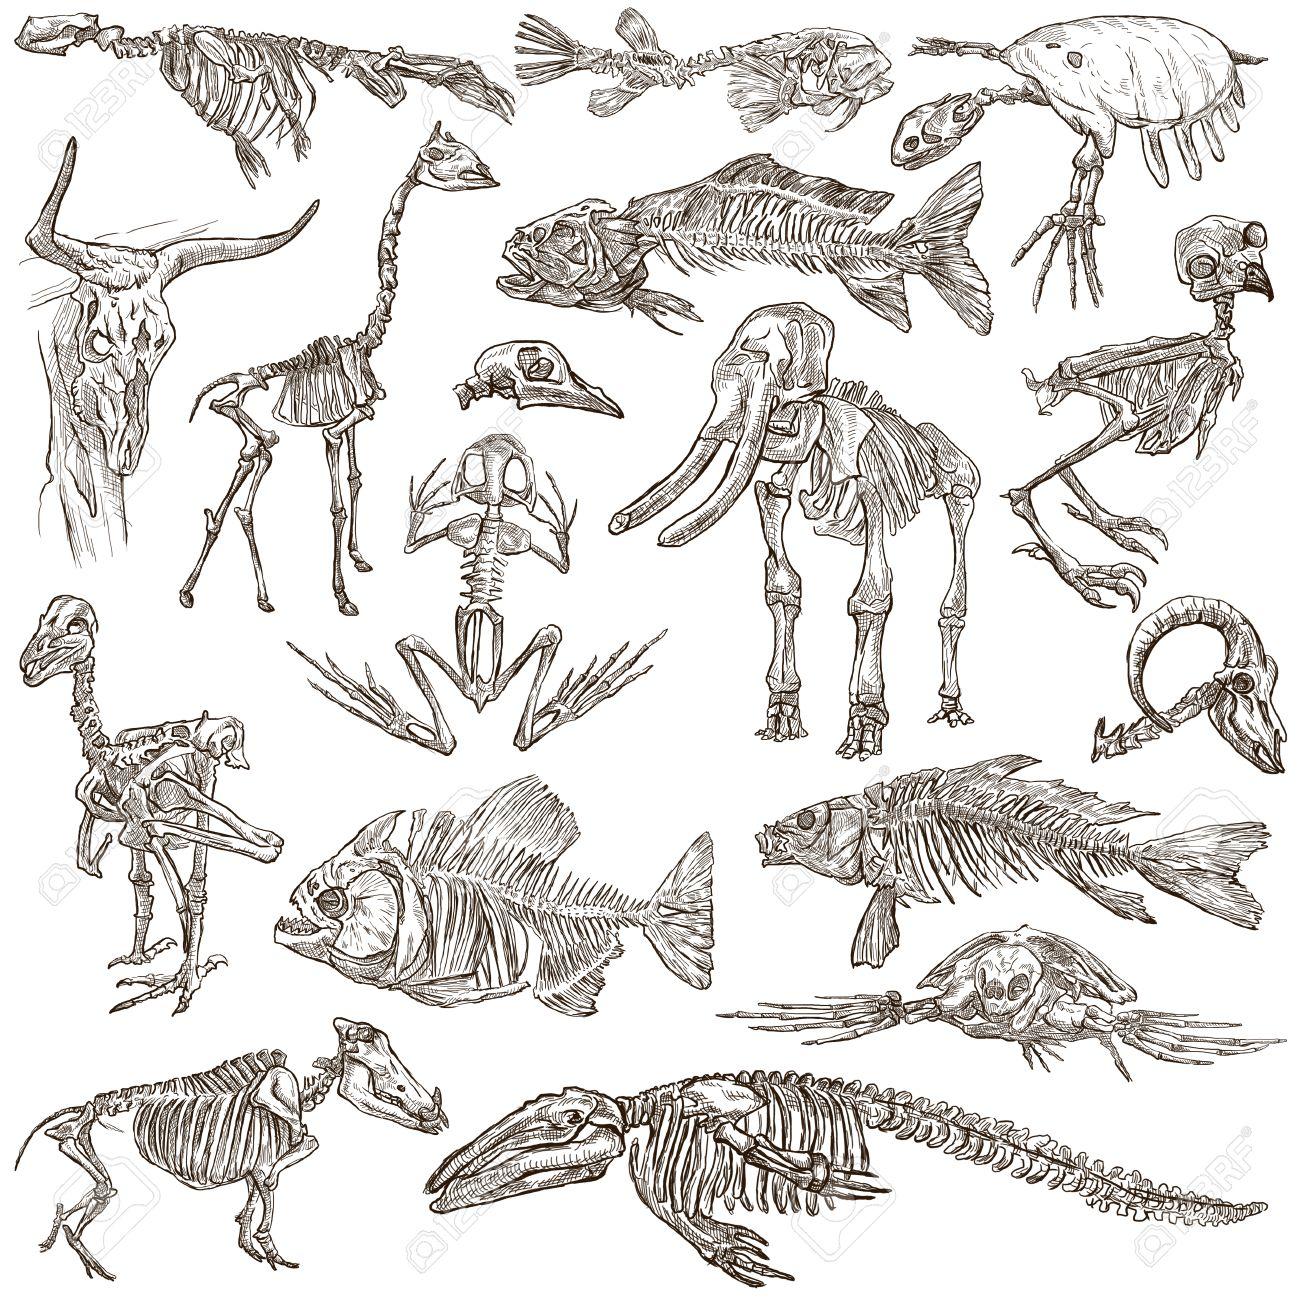 手描きイラストのコレクションの異なる動物の頭蓋骨と骨。フルサイズの